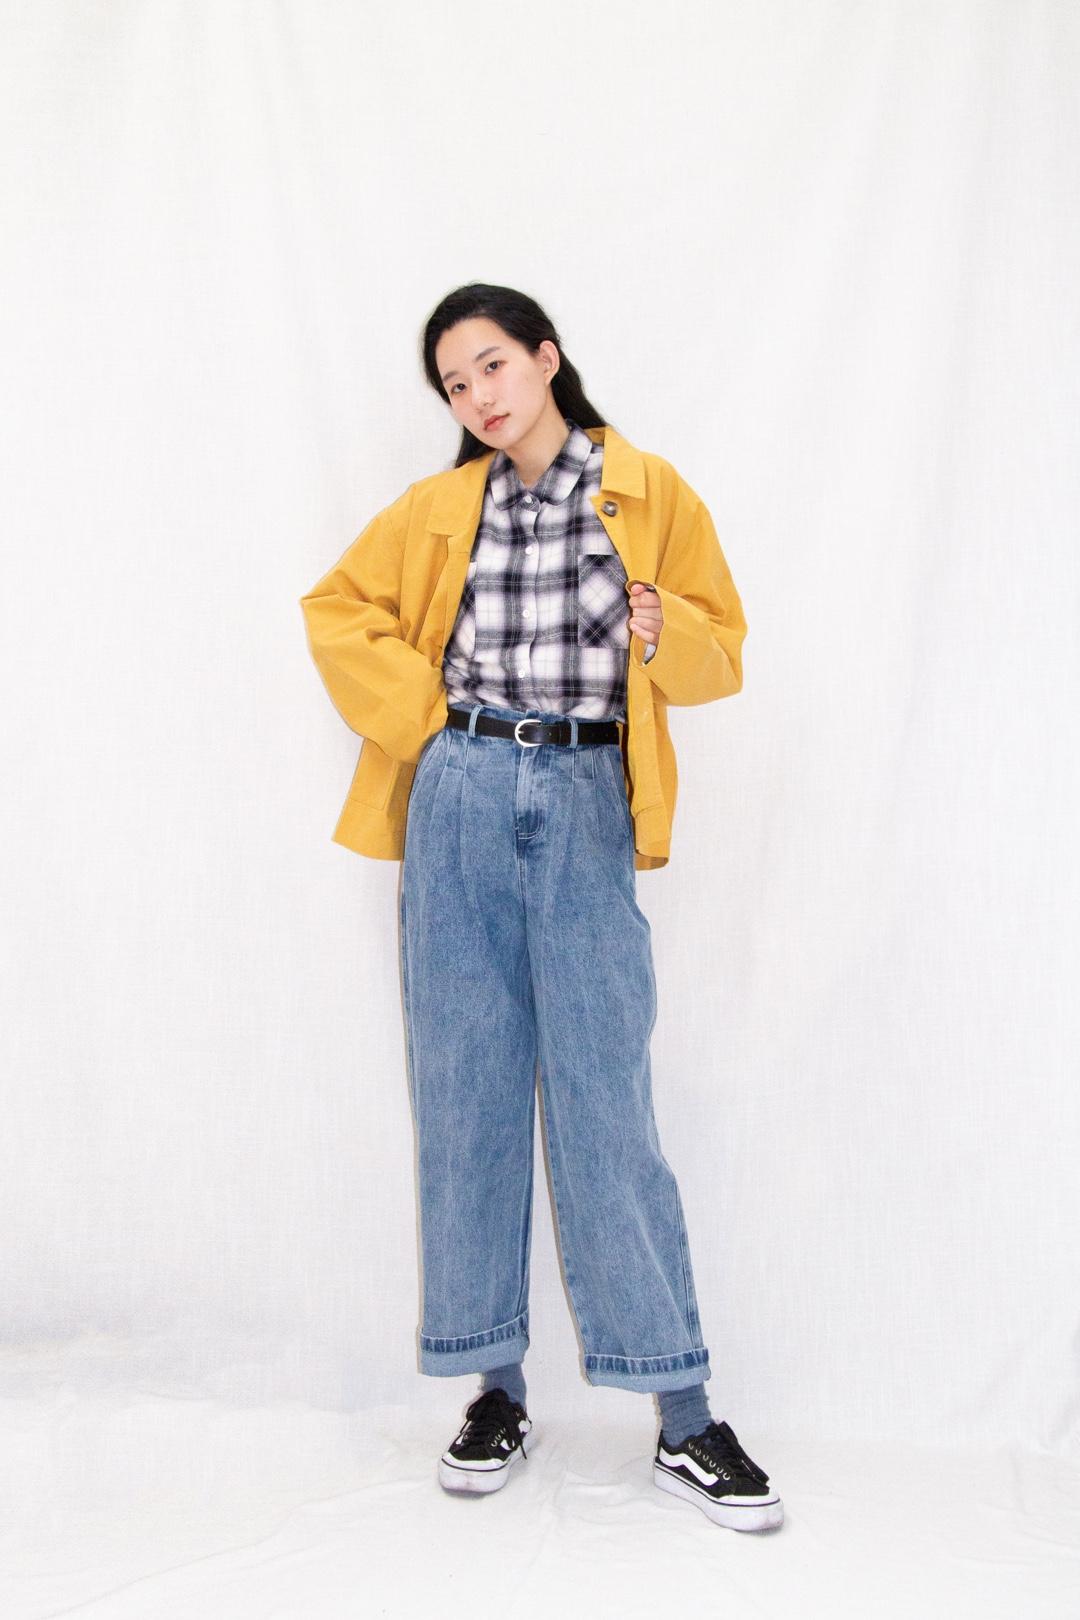 格子衬衫+牛仔长裤 超级酷 配上小风衣 很帅哦 #全民搭配挑战赛#